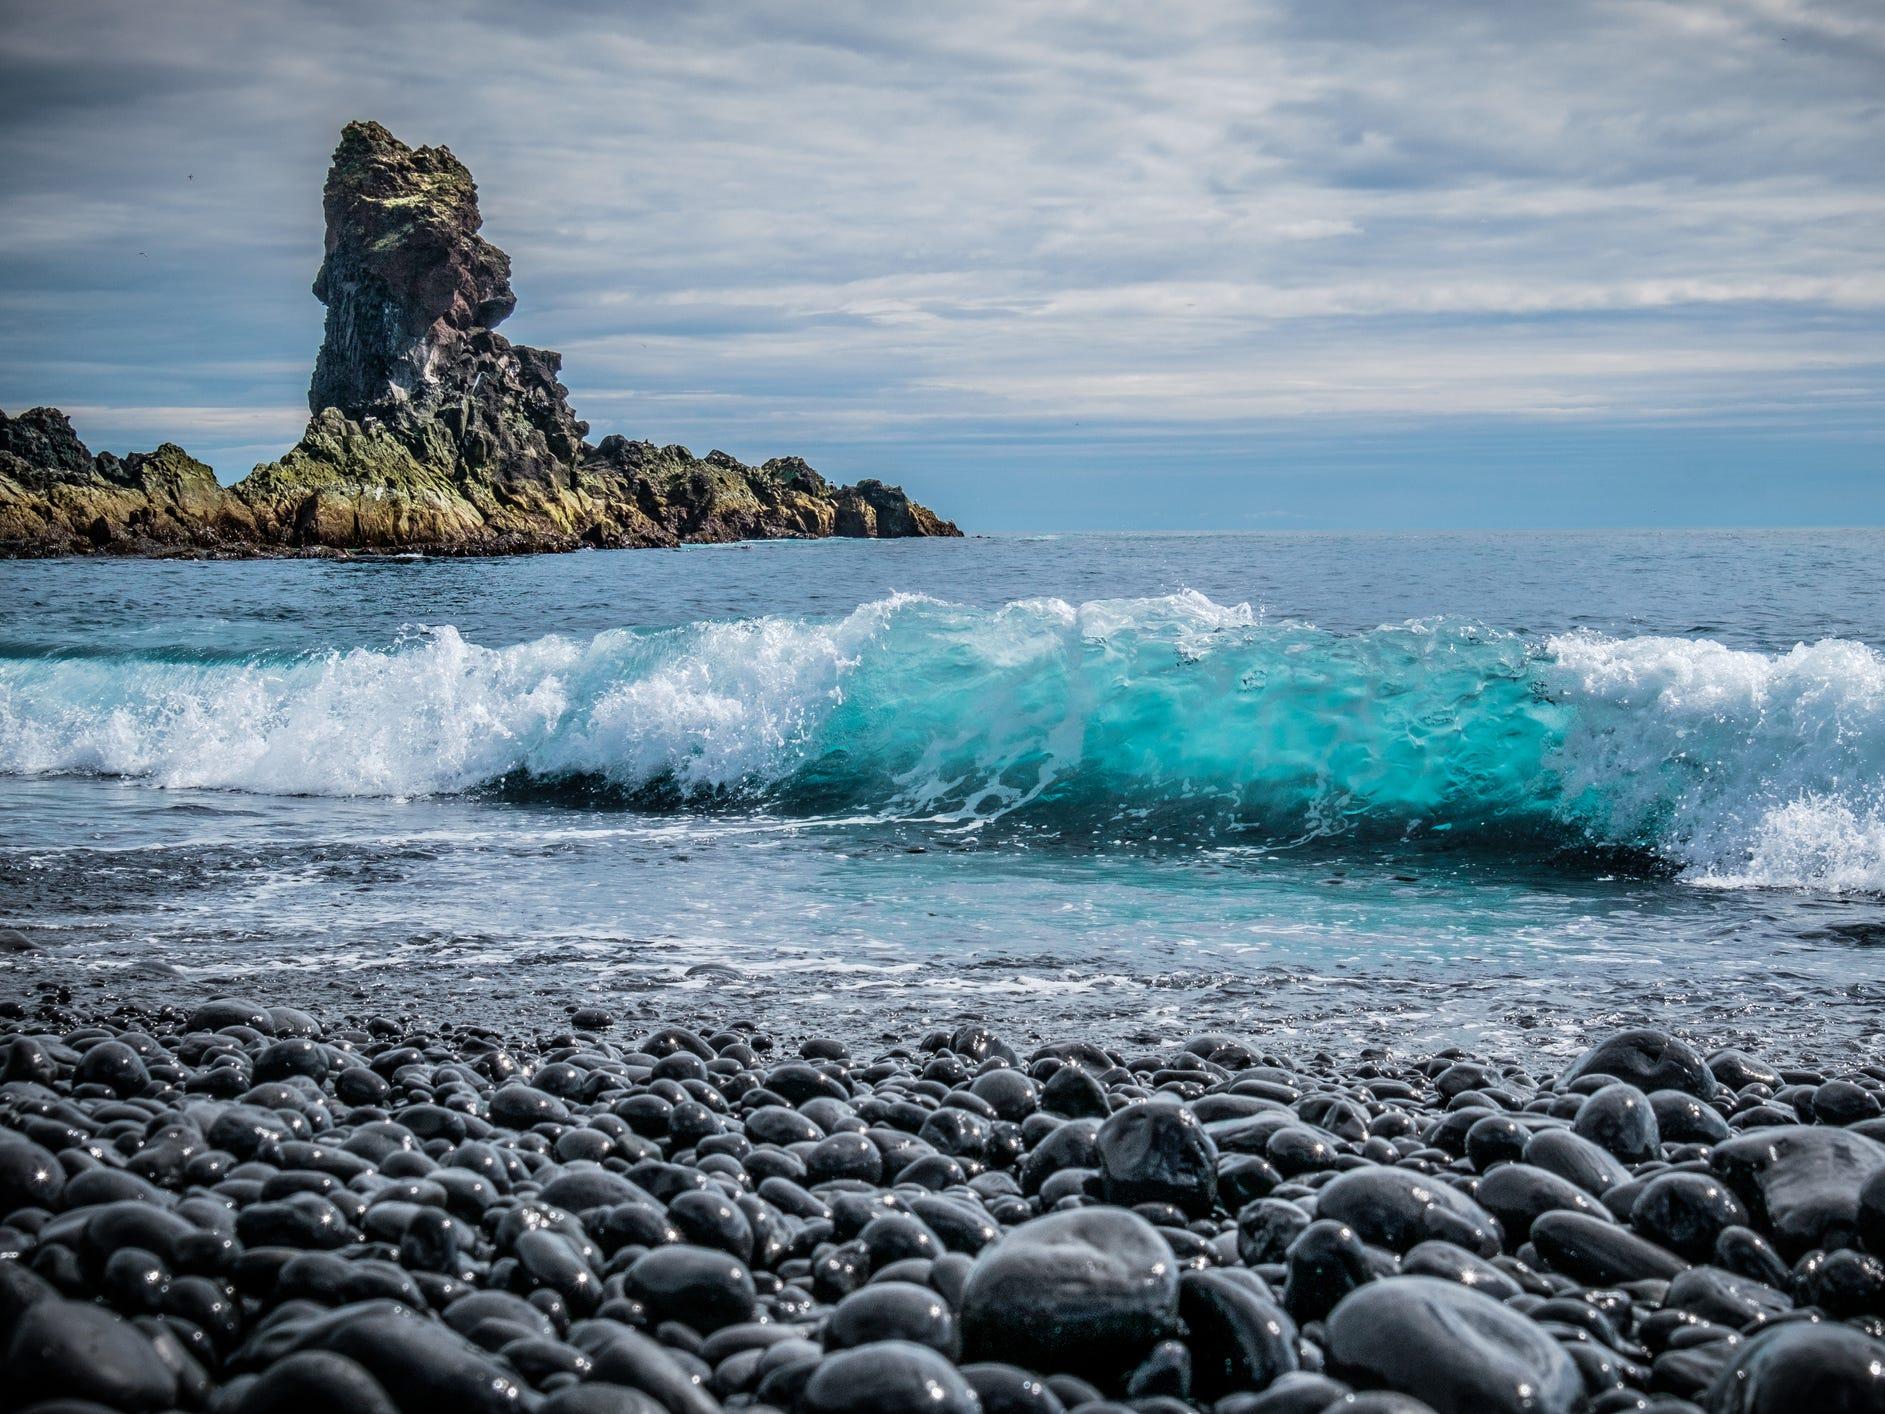 Djúpalónssandur on the Snæfellsnes Peninsula, Iceland.